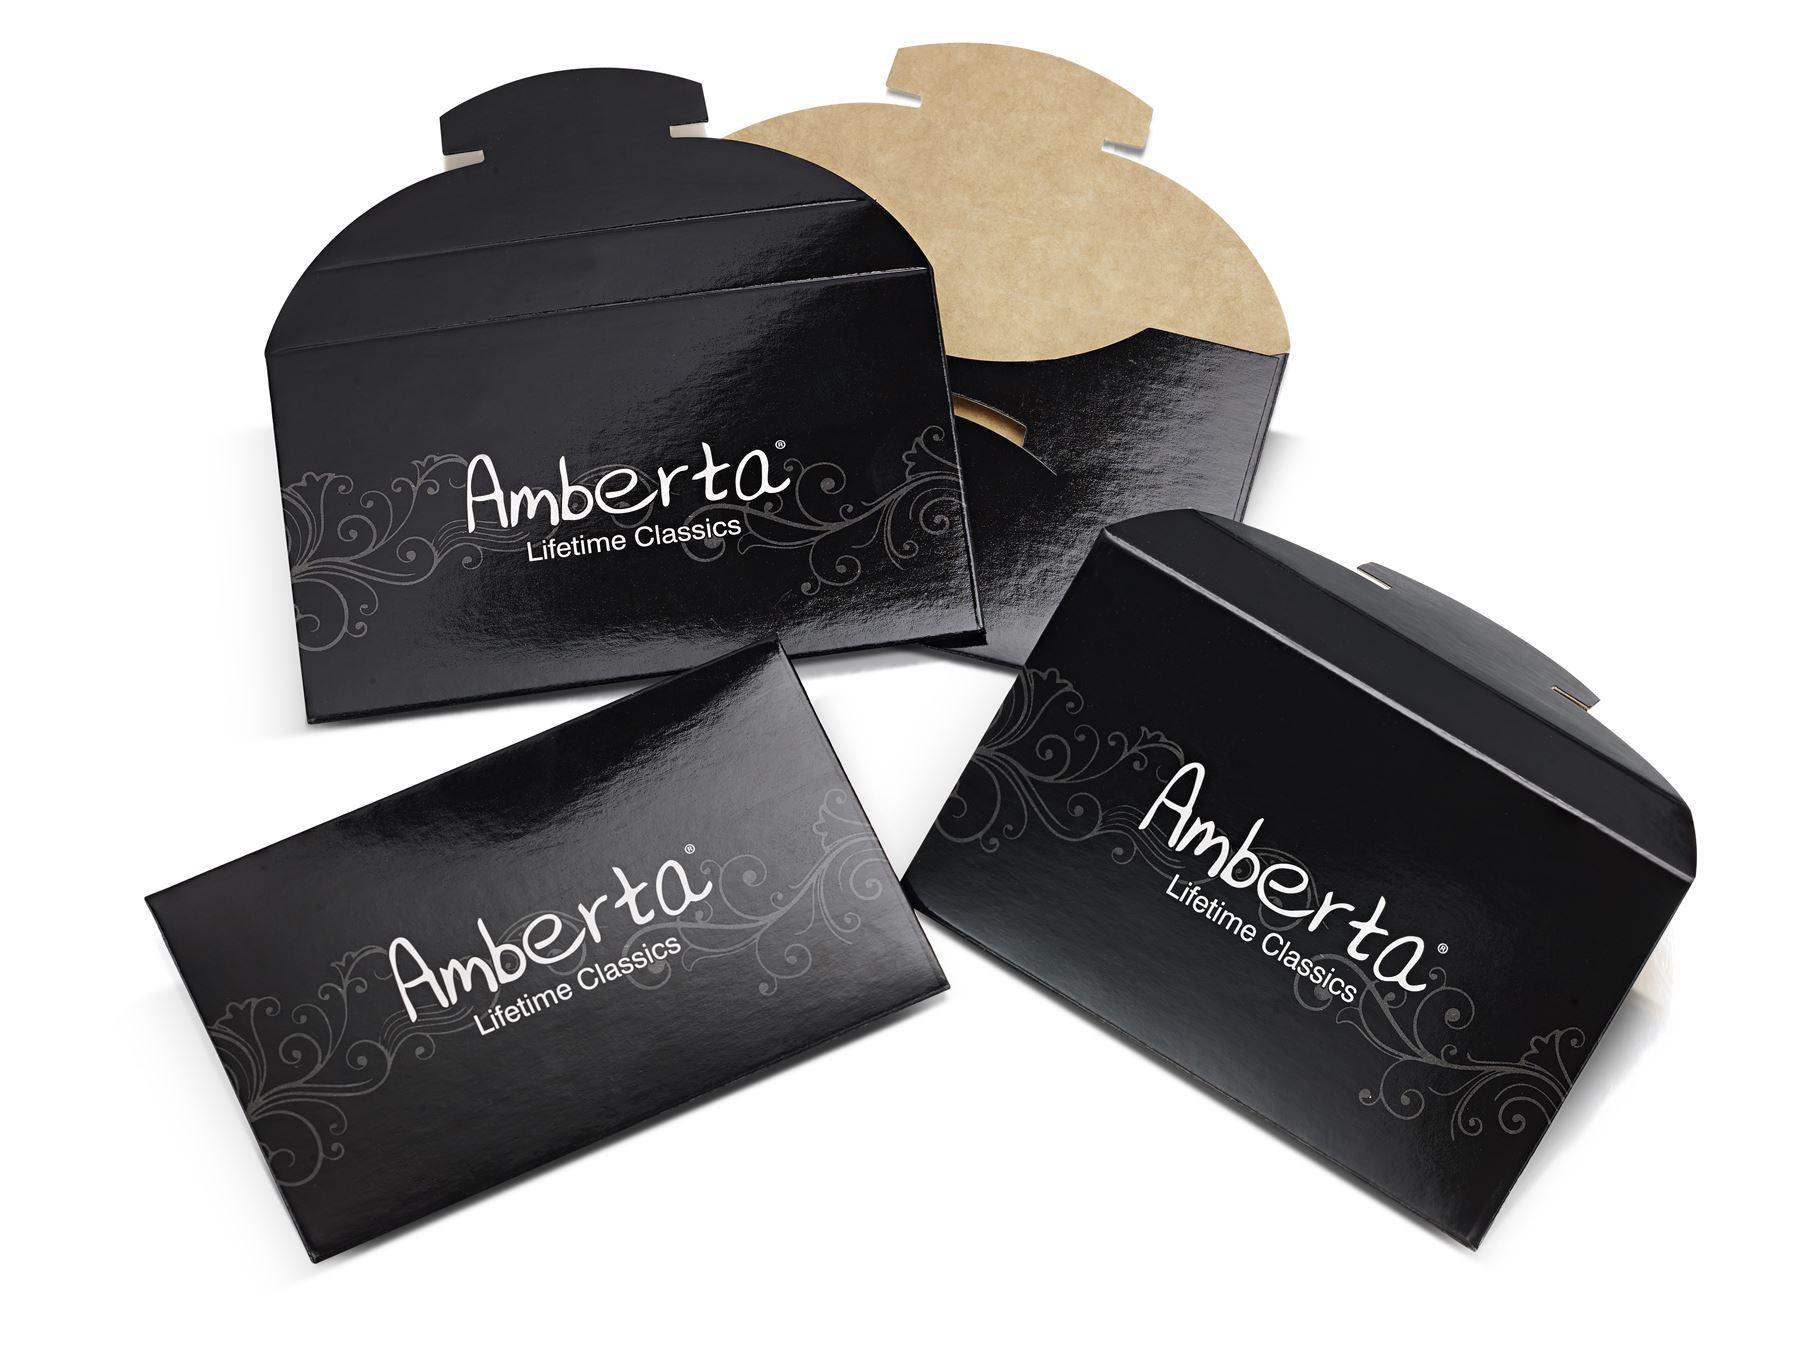 Amberta-Bijoux-Bracelet-en-Vrai-Argent-Sterling-925-Chaine-pour-Femme-a-la-Mode thumbnail 89